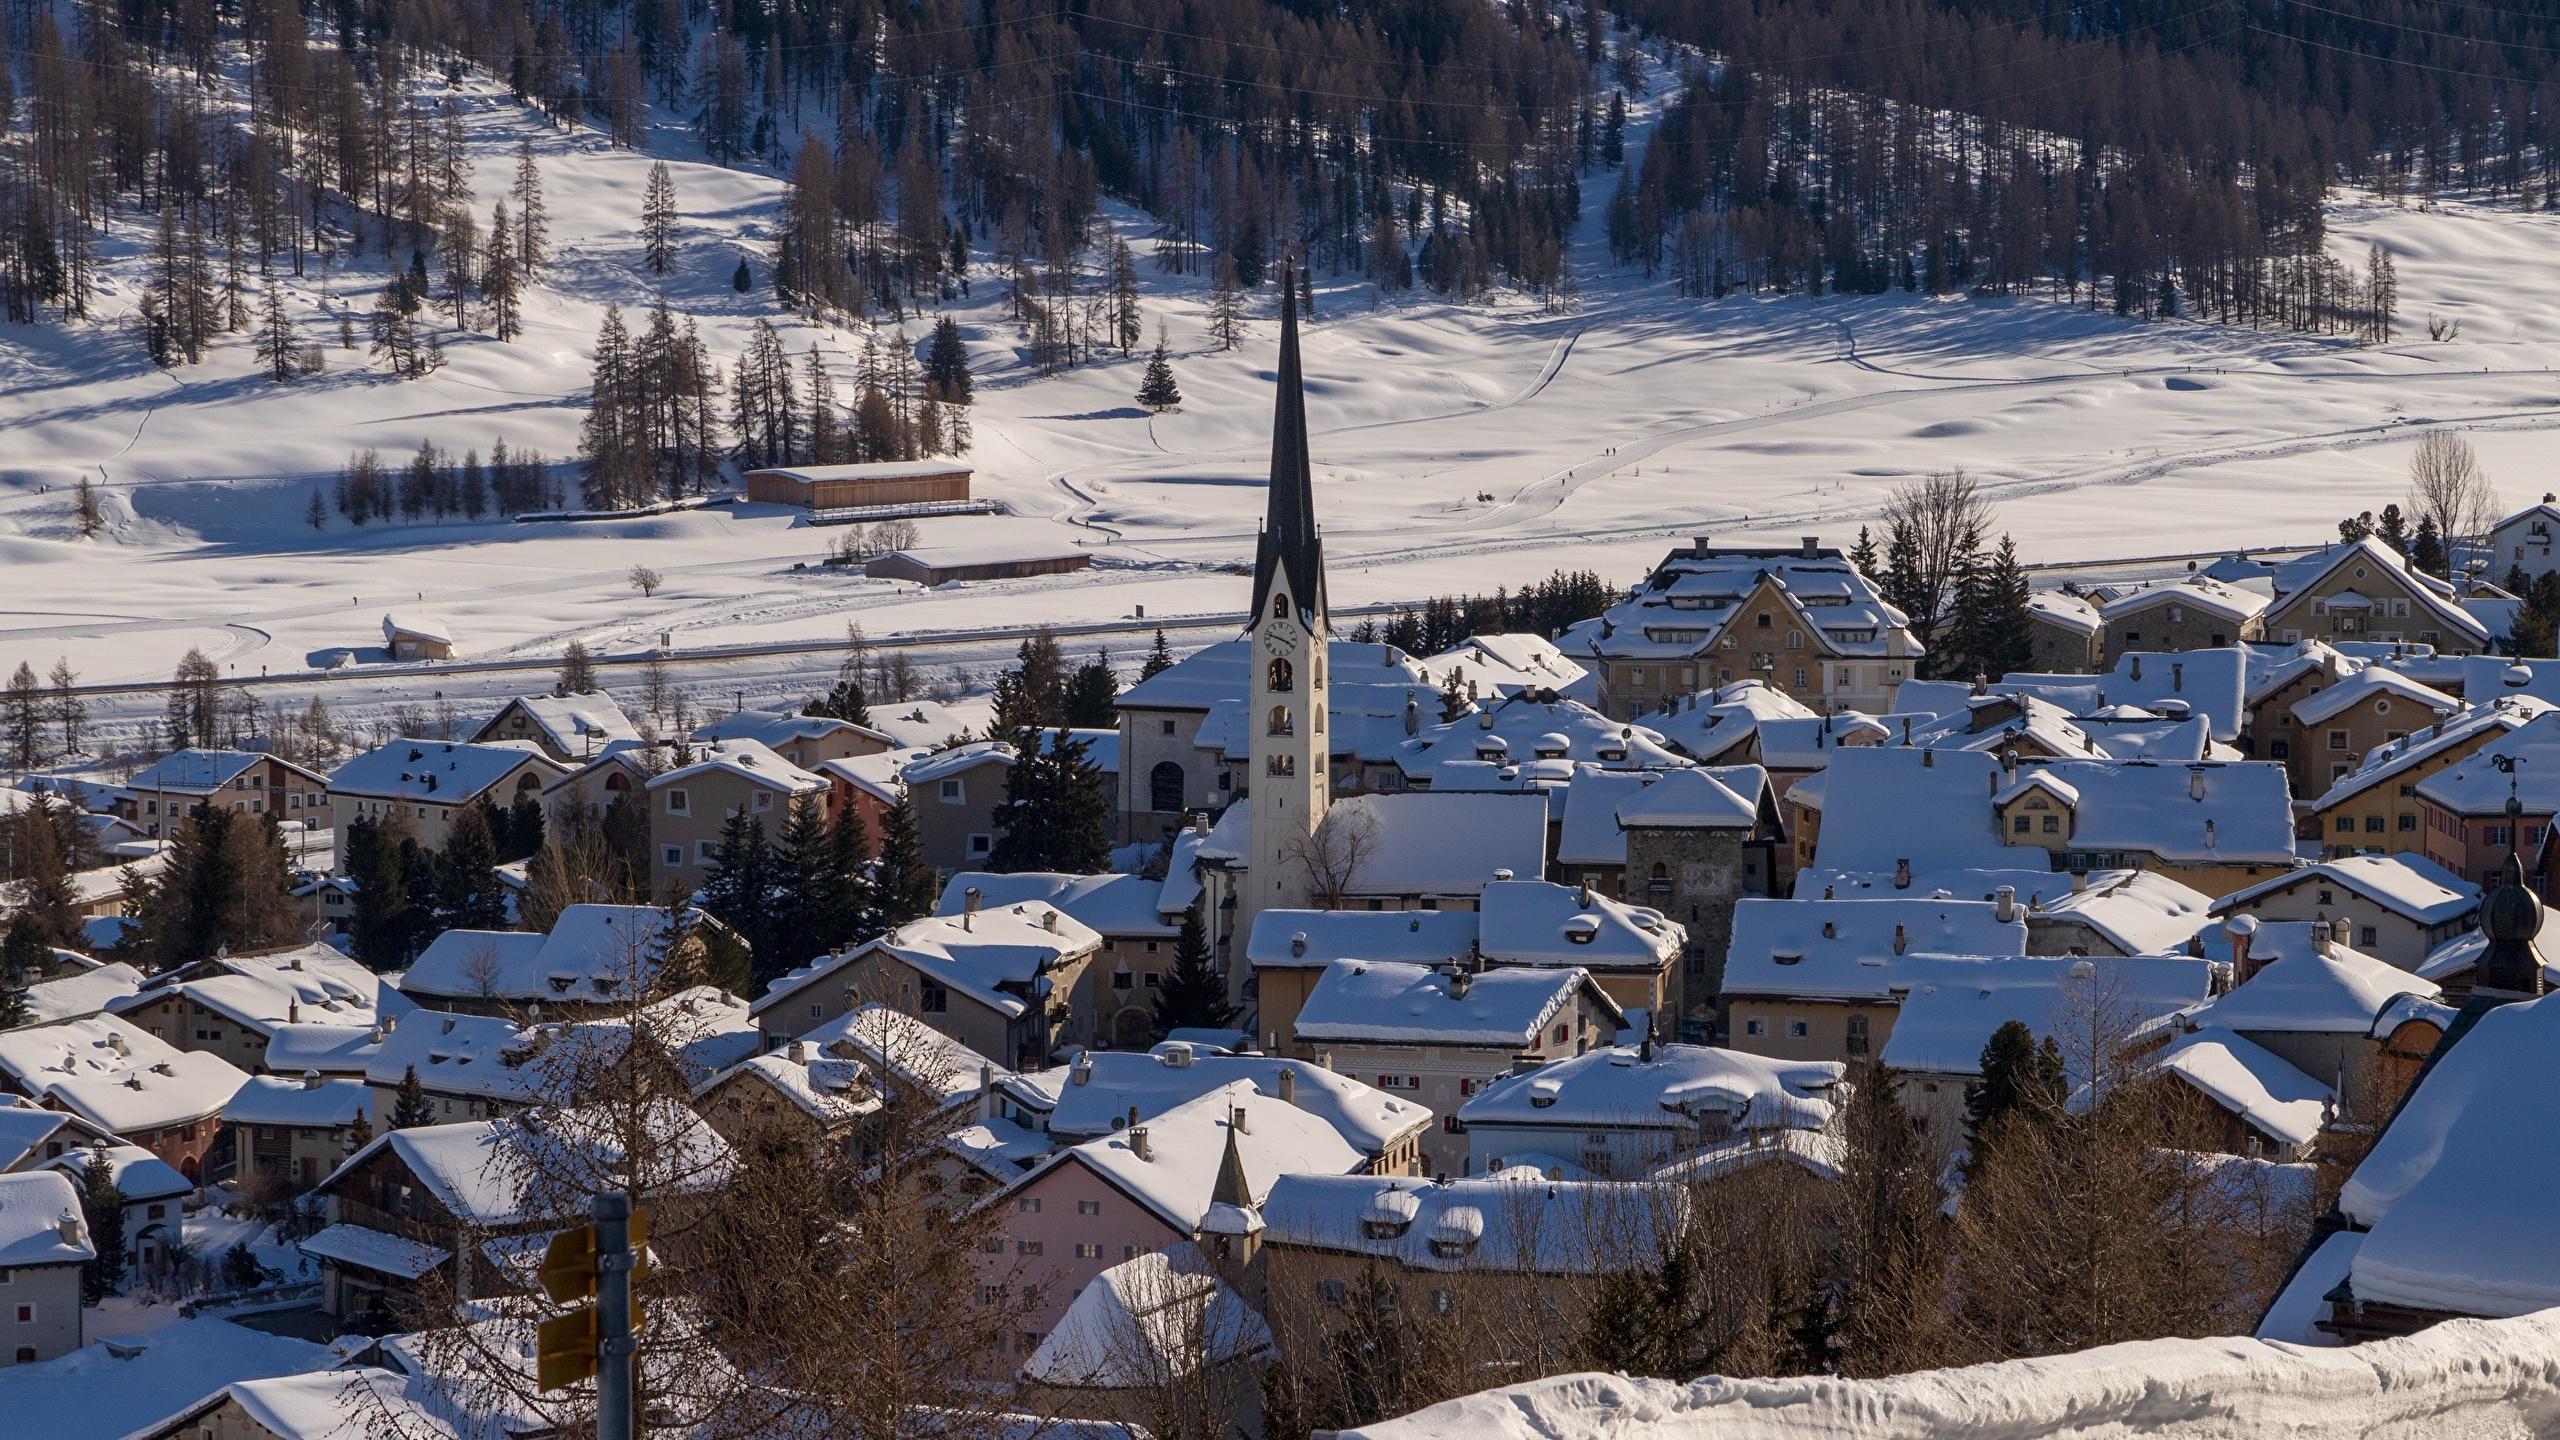 Foto La chiesa Svizzera Il villaggio Inverno Neve Città La casa 2560x1440 insediamento umano edificio